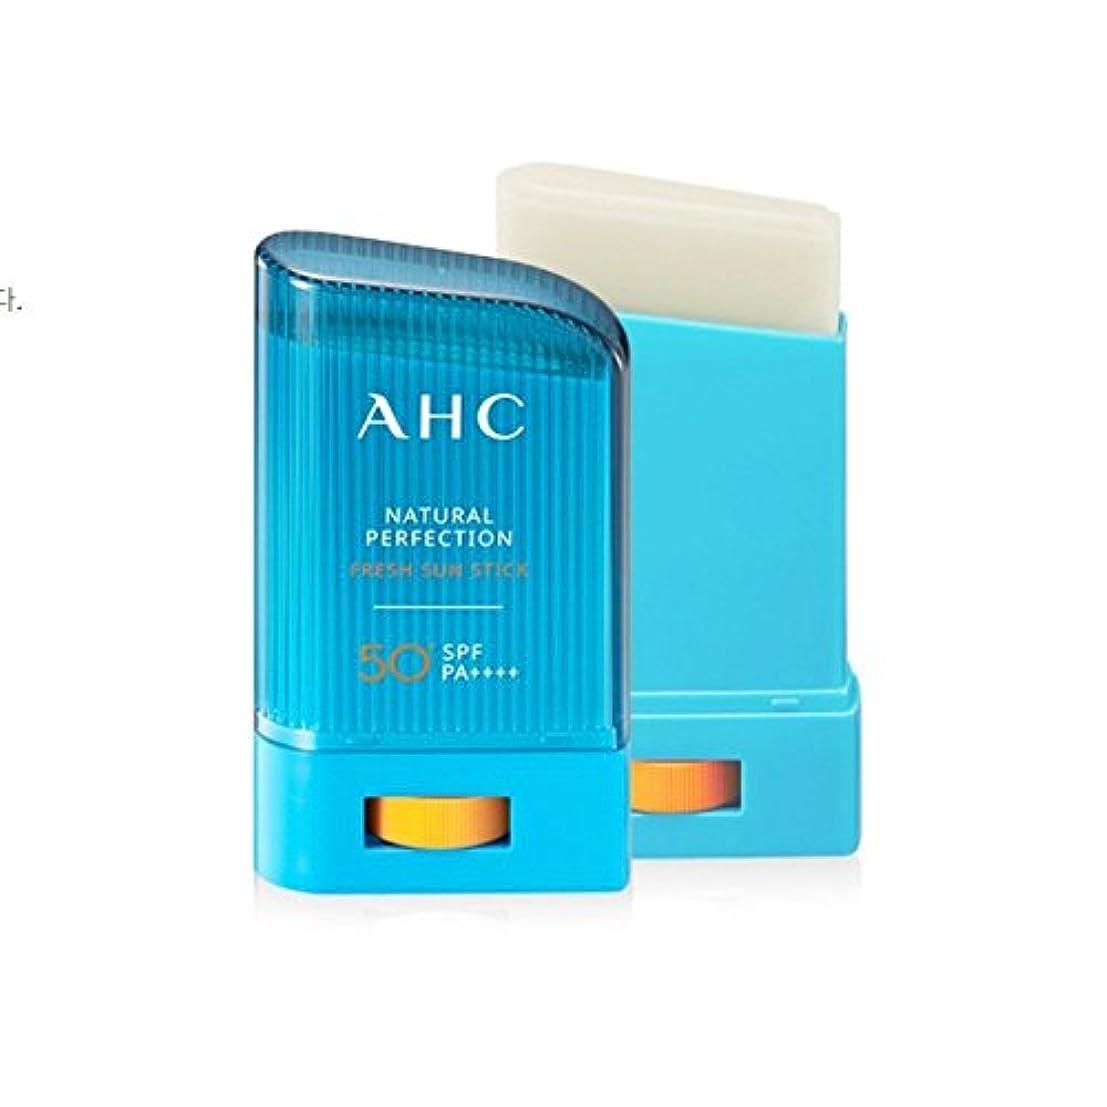 報奨金説得で[1+1] AHC Natural Perfection Fresh Sun Stick ナチュラルパーフェクションフレッシュサンスティック 22g * 2個 [並行輸入品]